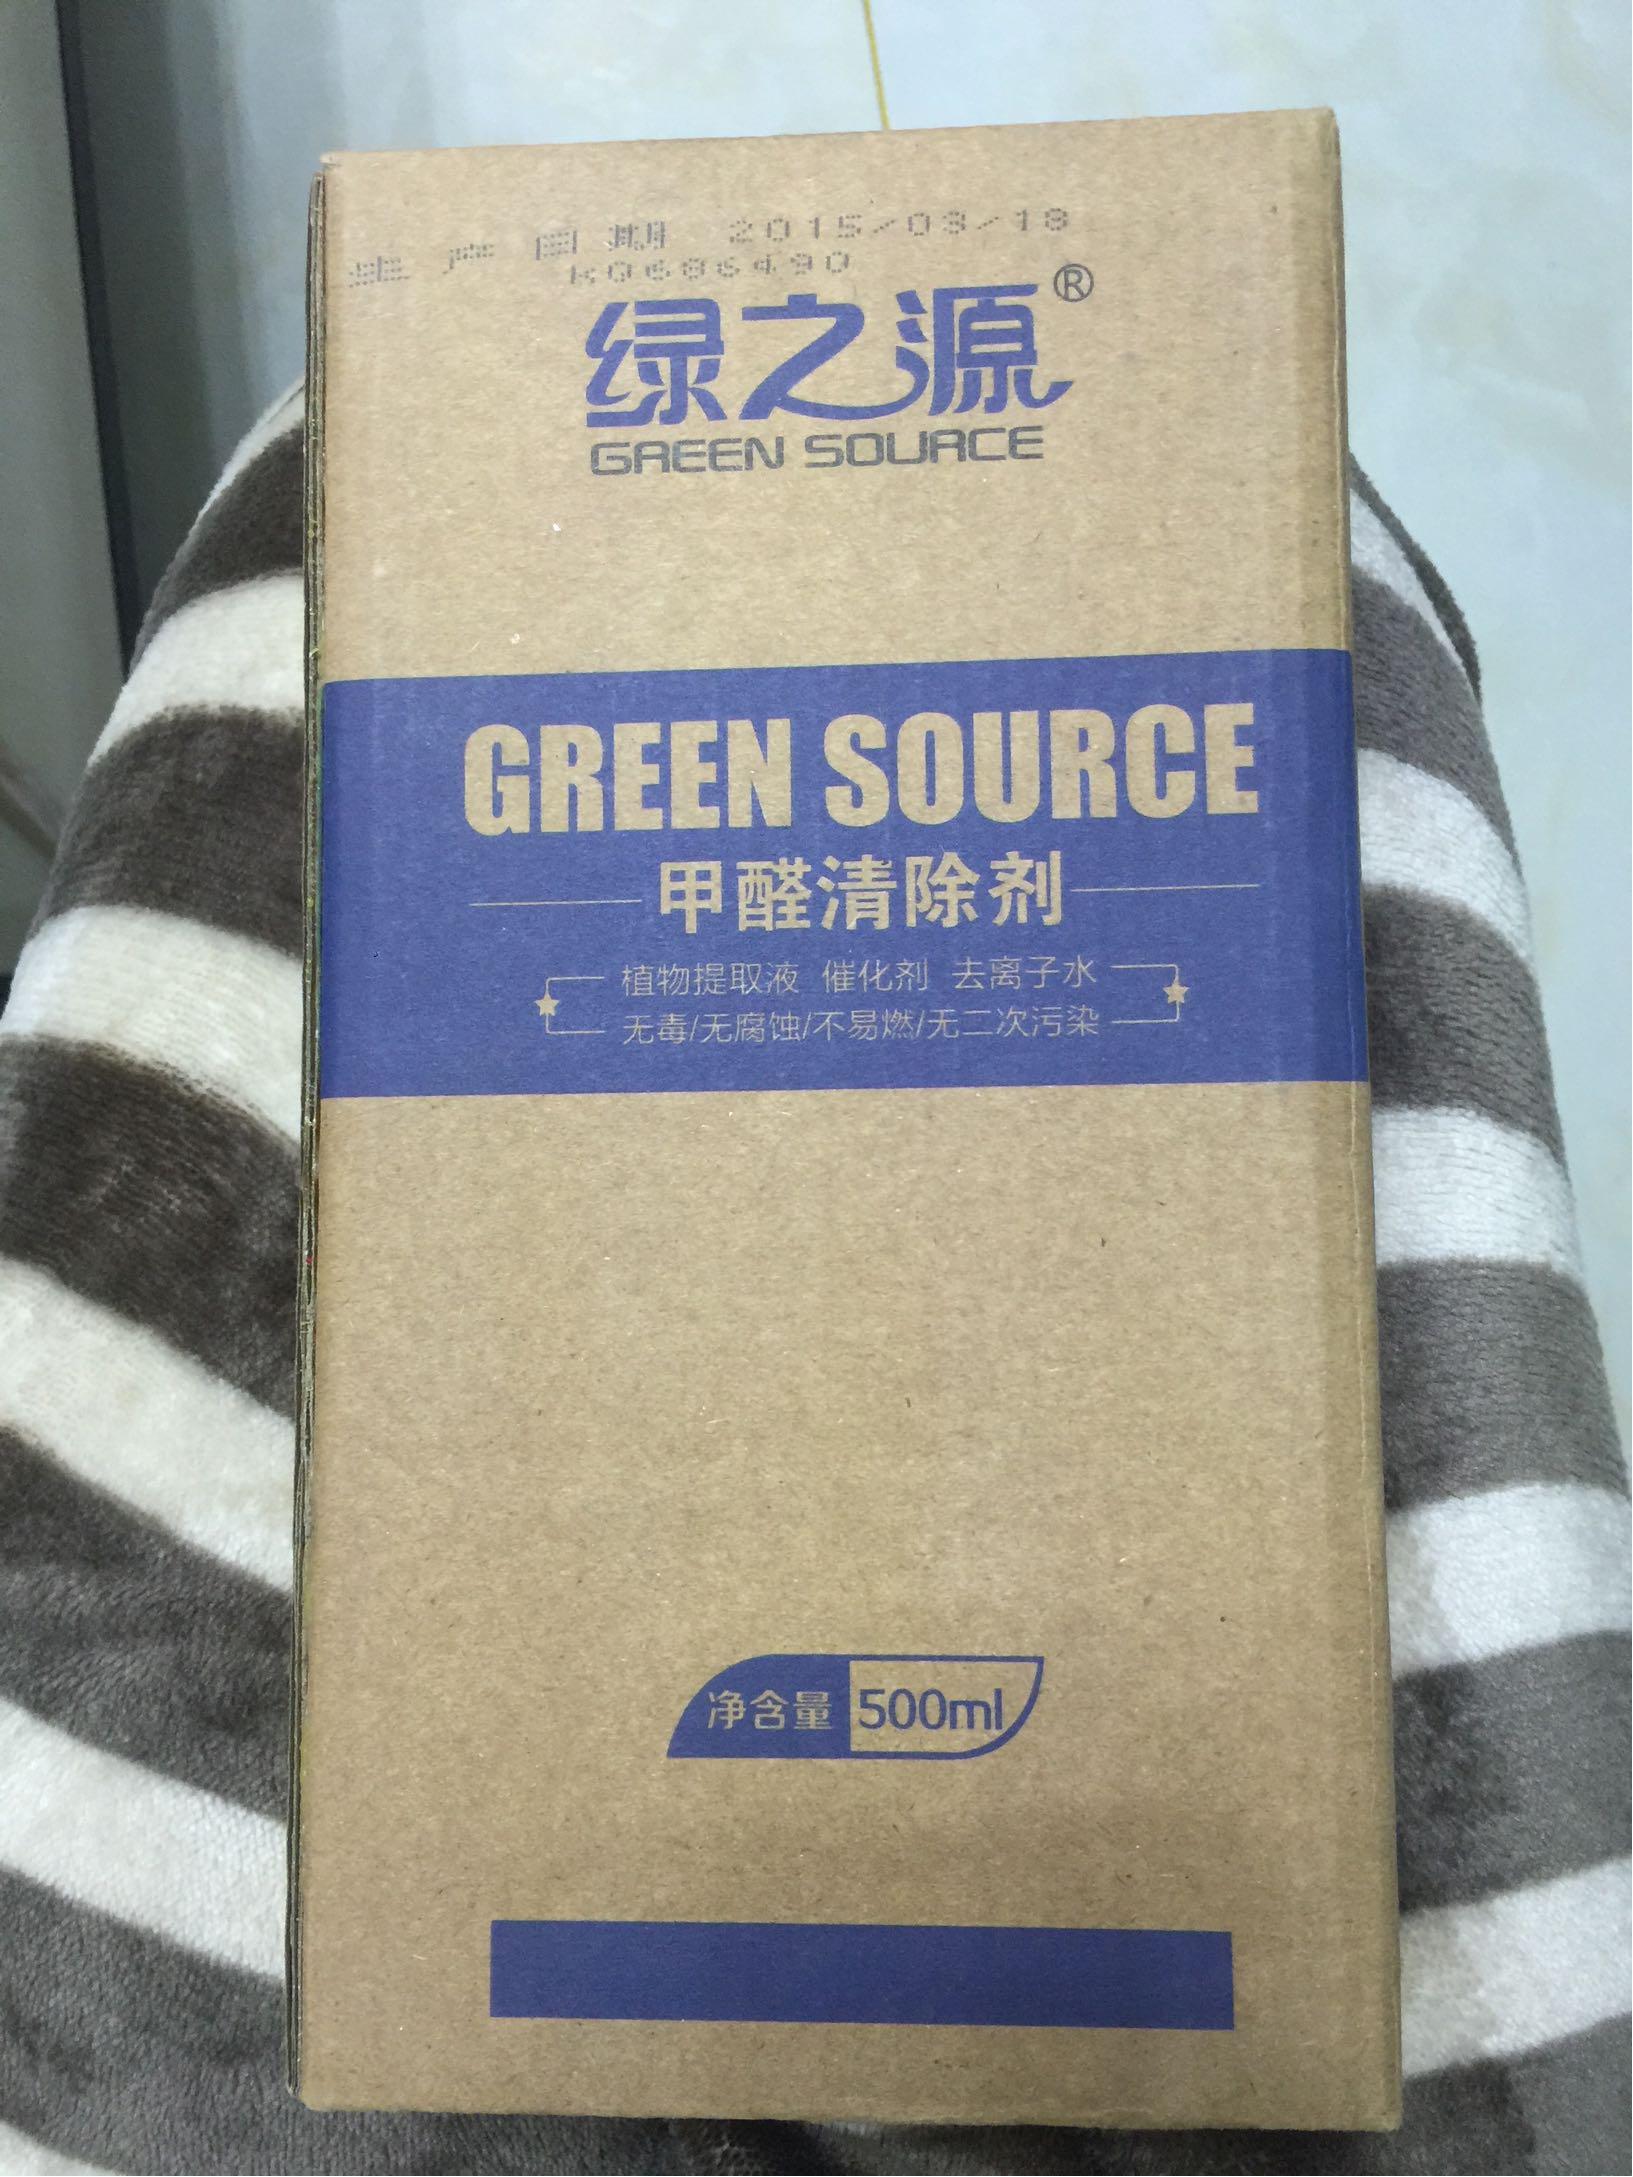 新房入住前买了十大品牌的绿之源除甲醛